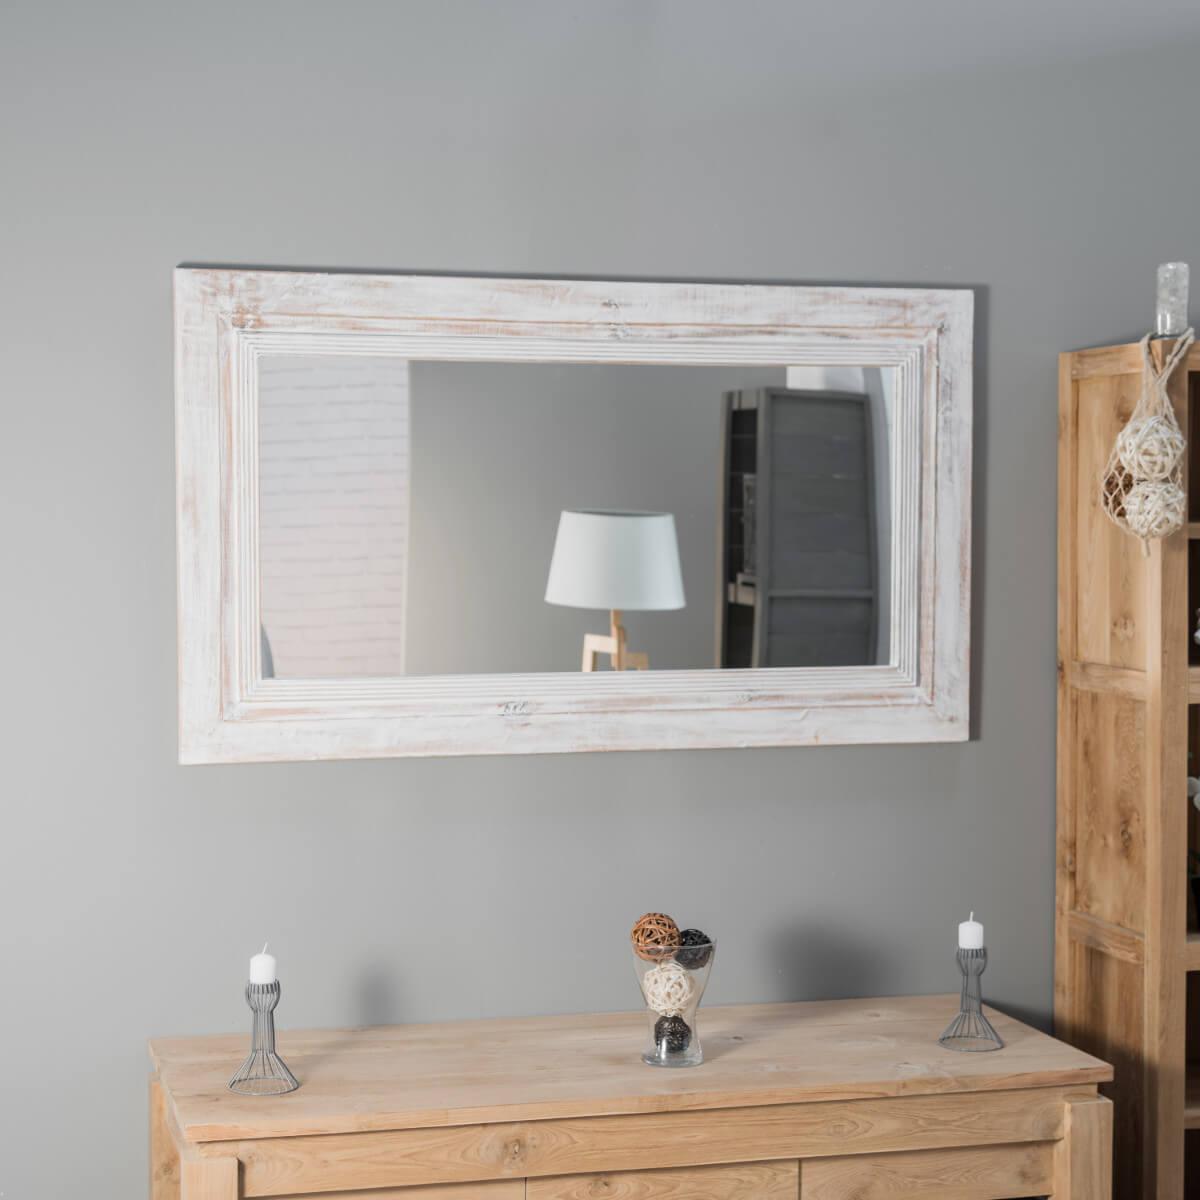 Wanda Collection Miroir Venise en bois patiné Cérusé blanc 140cm X 80cm